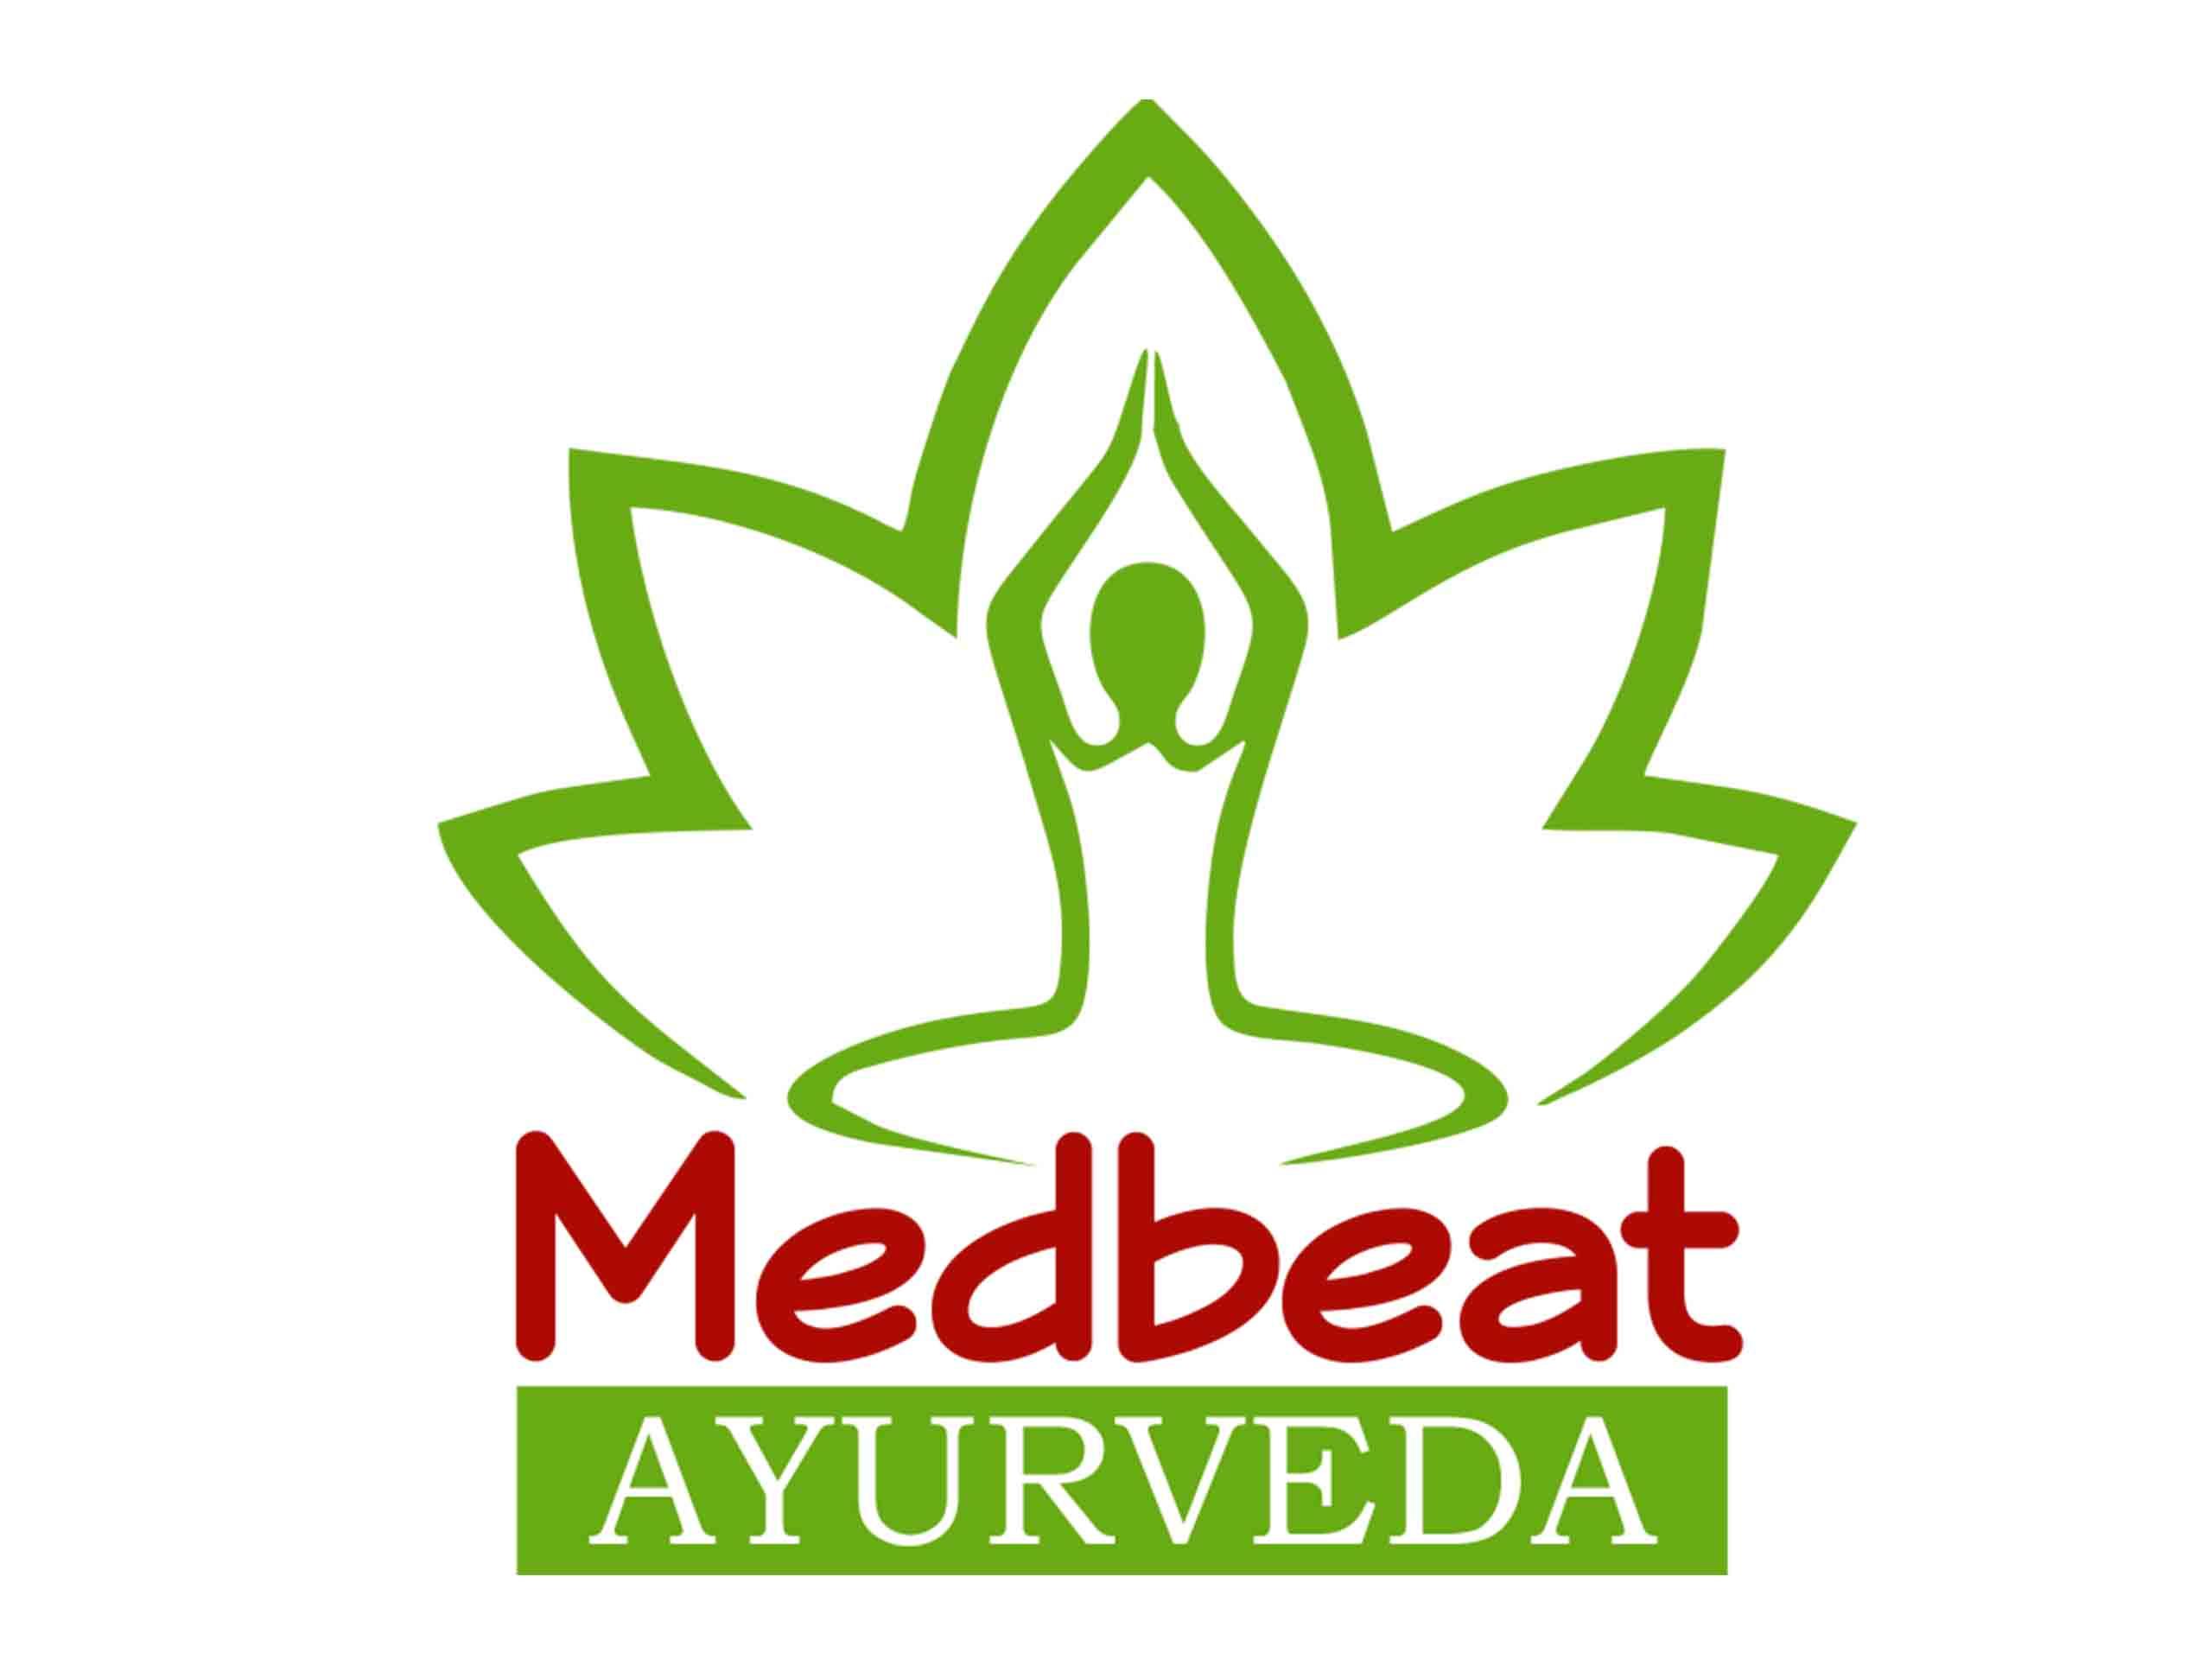 Medbeat Ayurveda